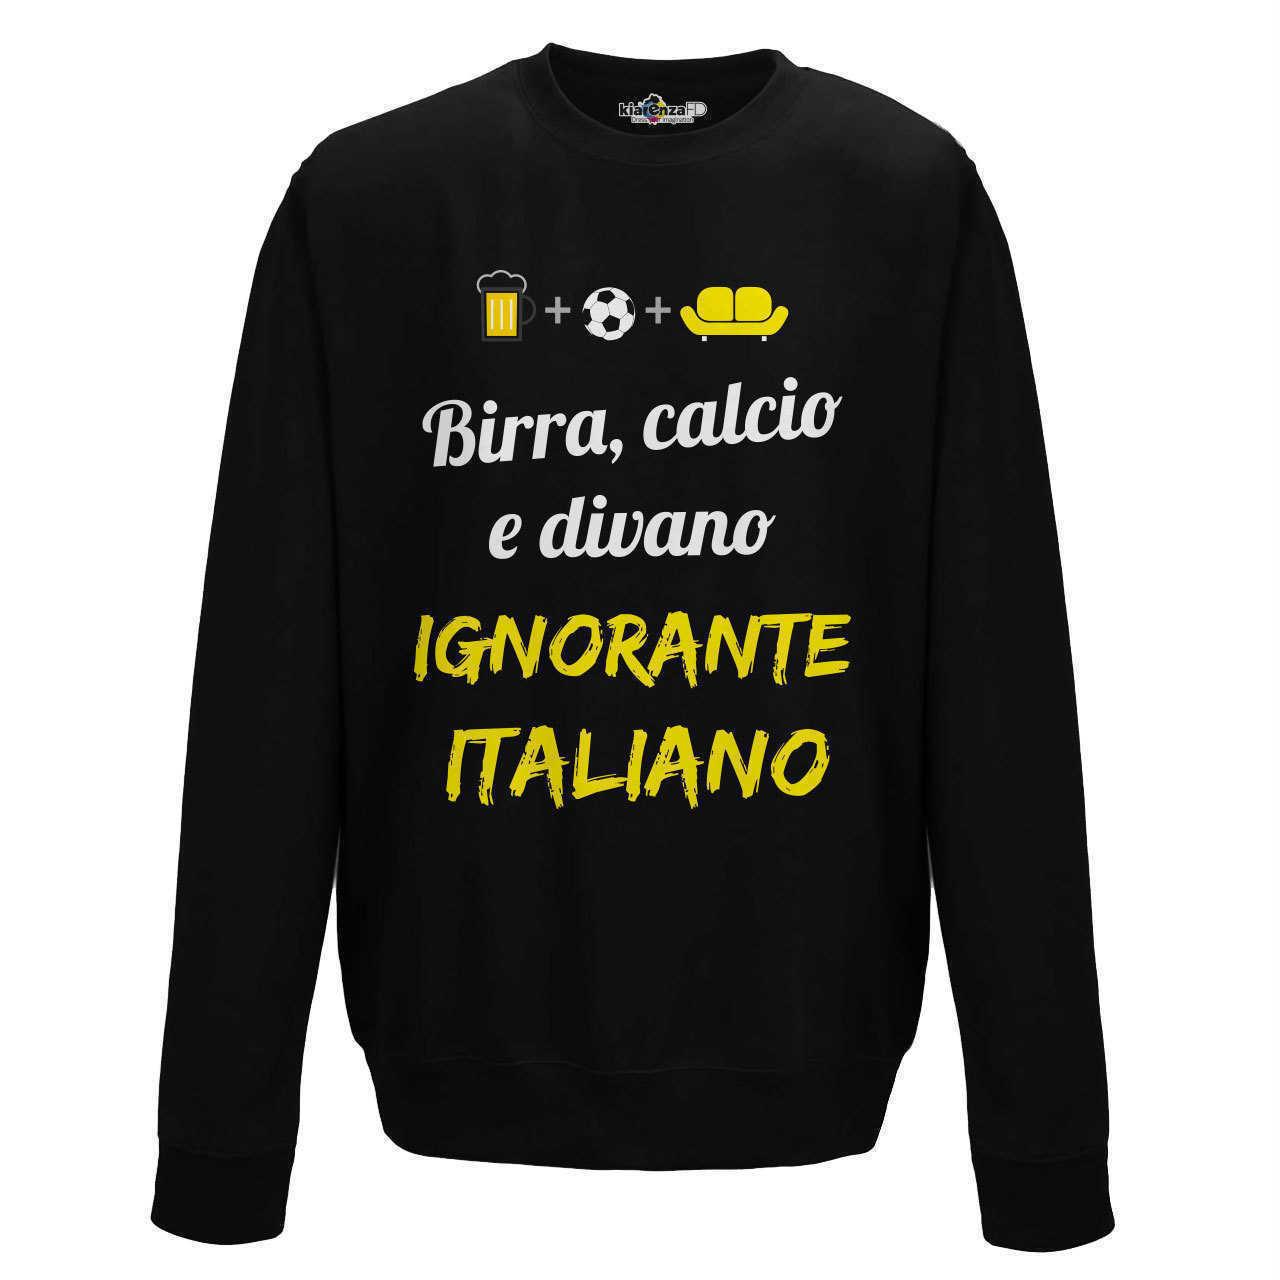 Sweat ras du cou hommes drôle Football mode drôle Ignorant italien bière S